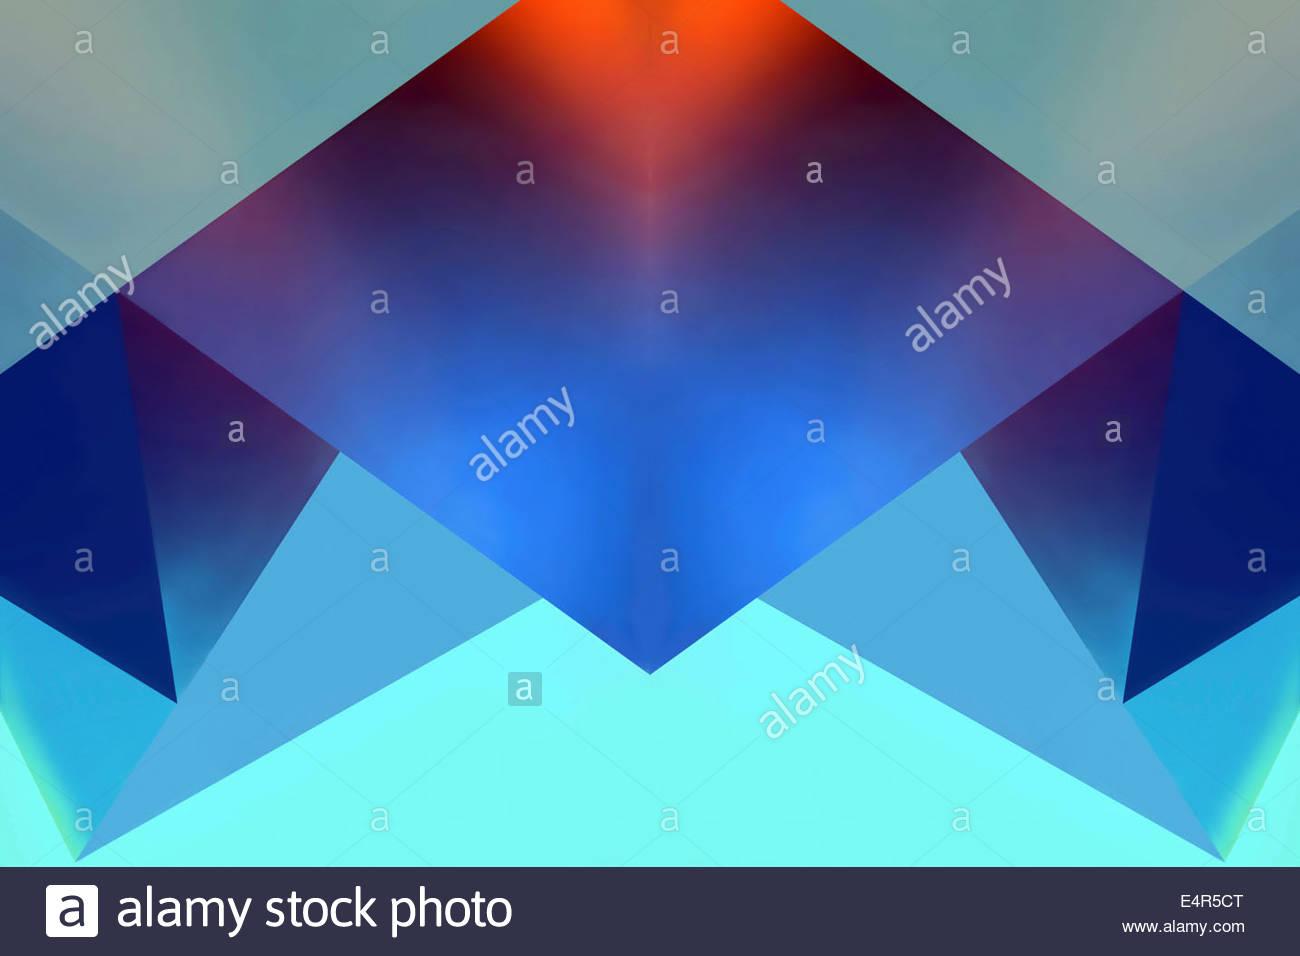 Motif de fond abstrait des formes géométriques symétriques Photo Stock